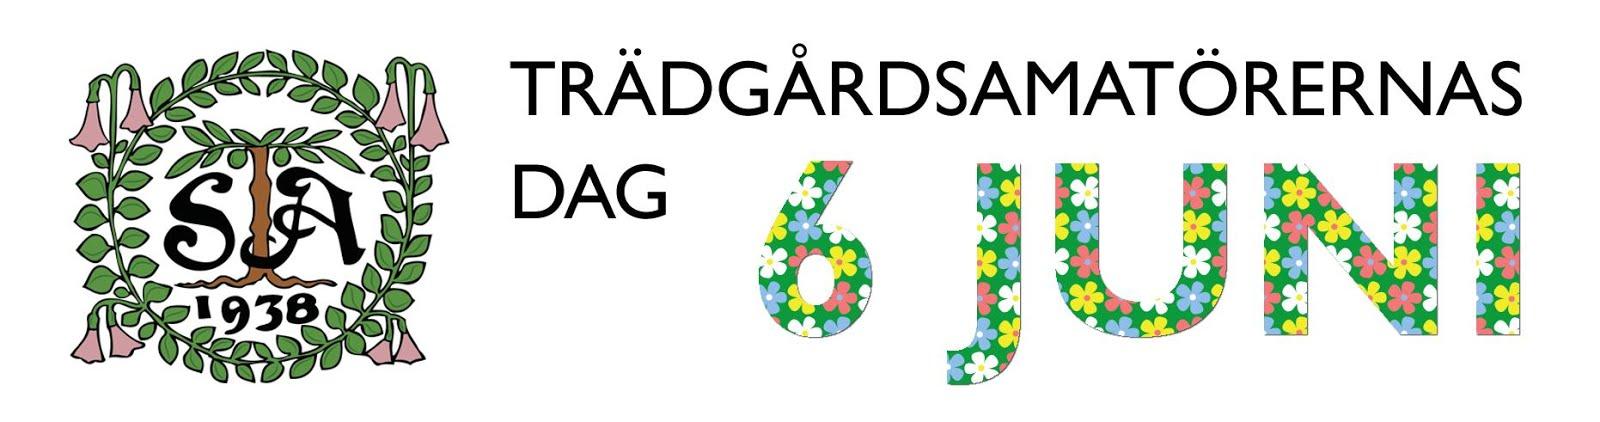 Trädgårdsamatörernas dag 6 juni 2016